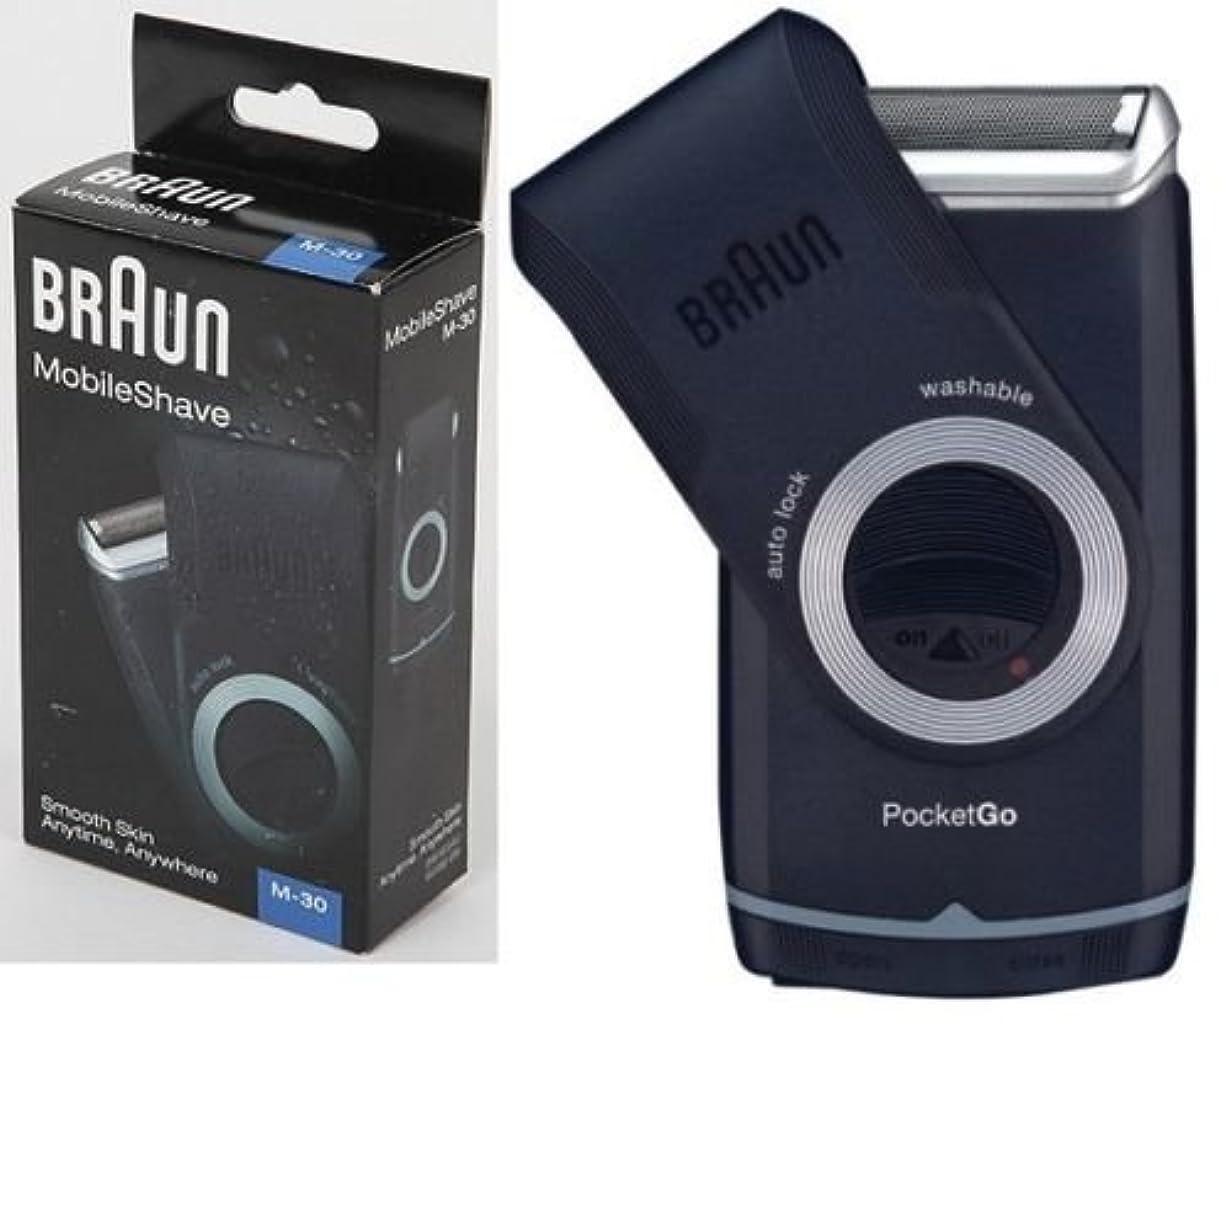 解決ワーカー中世のBRAUN M30 MOBILESHAVE電気かみそりMEN'Sは携帯移動トラベル M30 [並行輸入品]